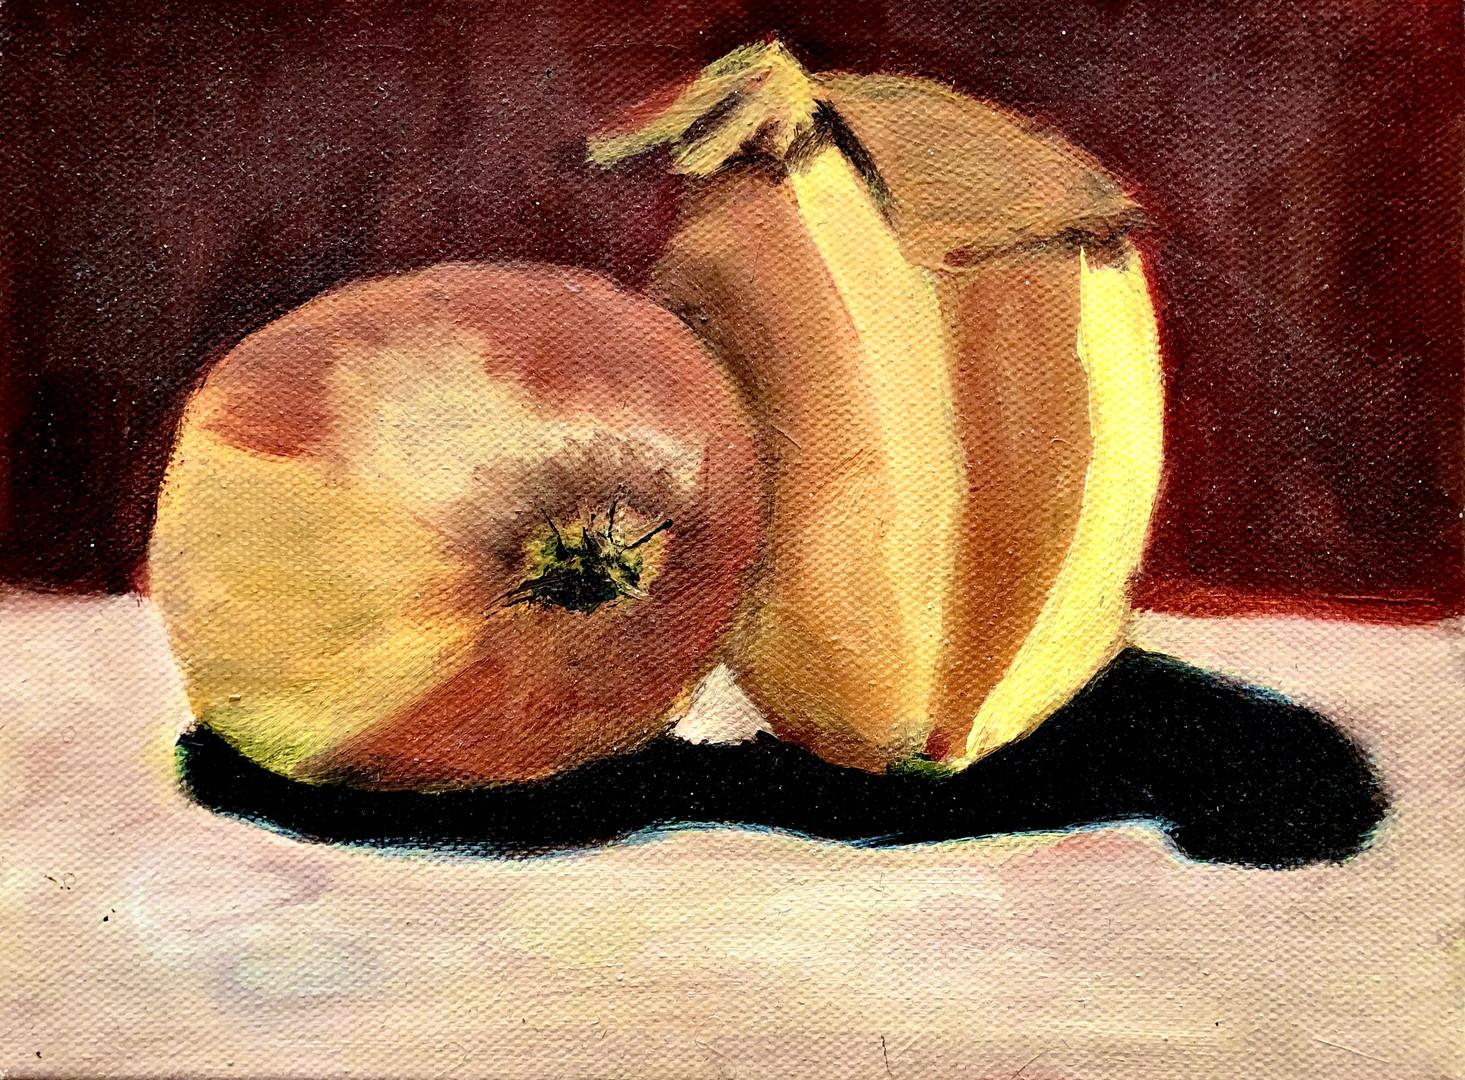 Onions (oil paint)